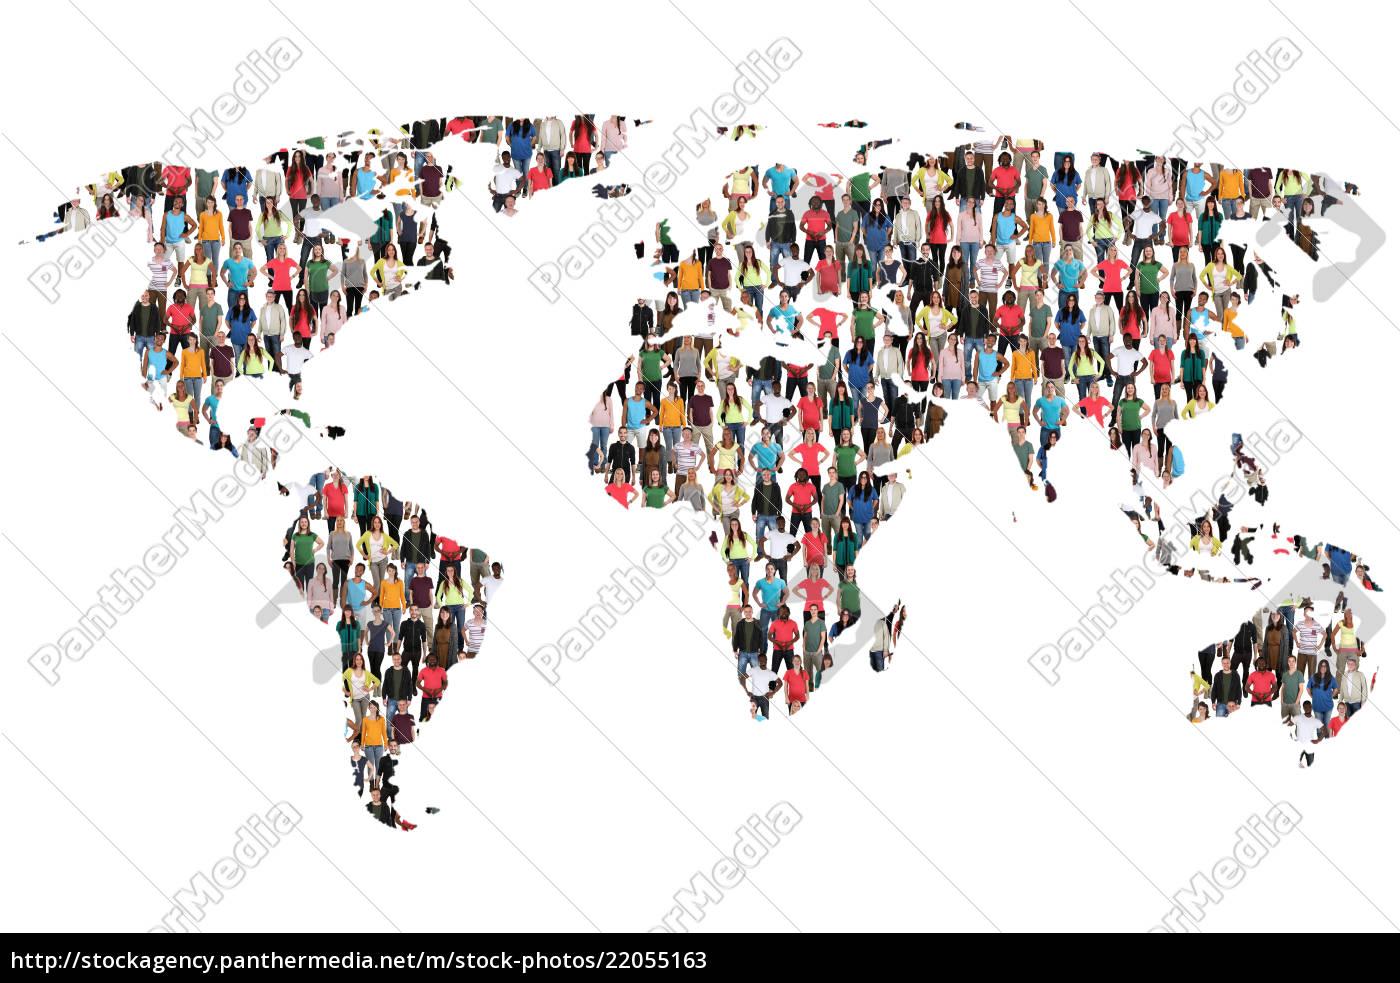 Karte Erde.Stockfoto 22055163 Welt Erde Weltkarte Karte Leute Menschen People Gruppe